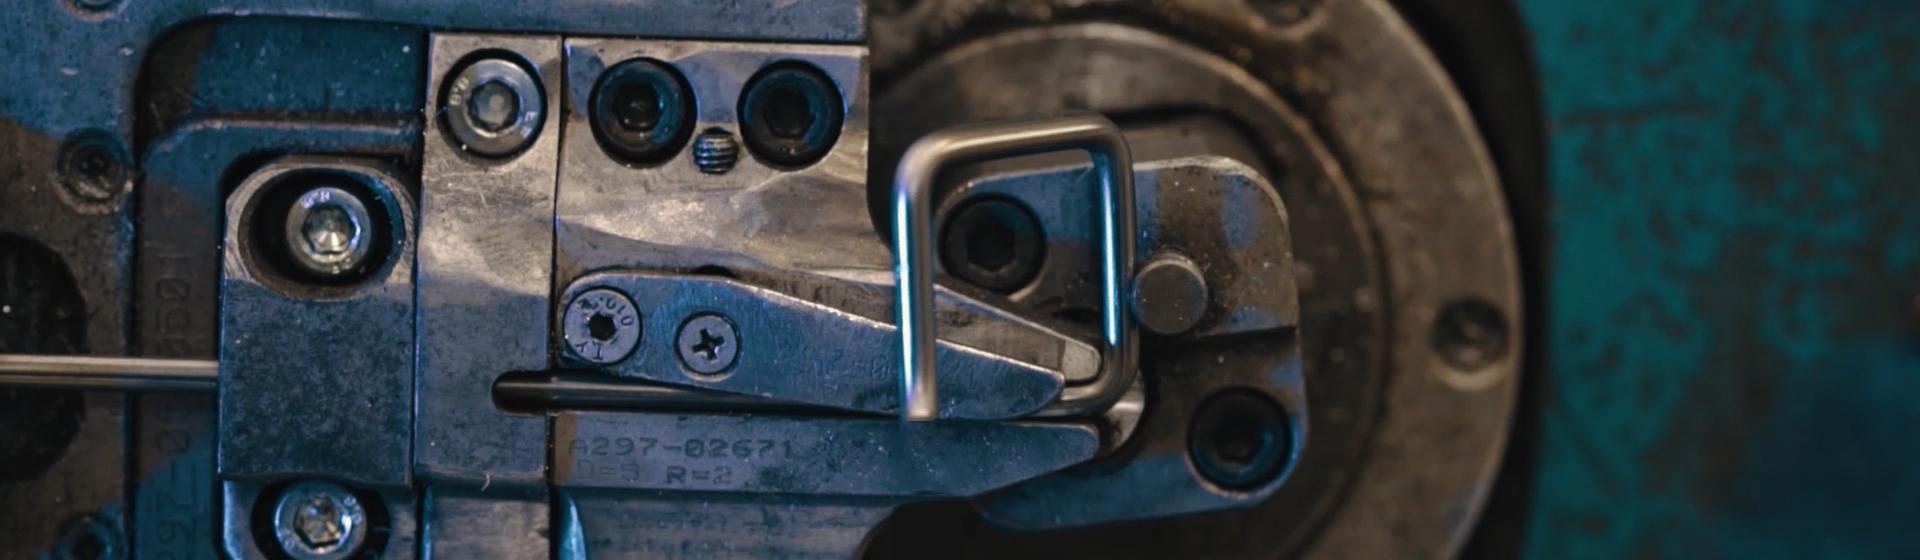 Dabew - Gięcie elementów metalowych OMAS CNC